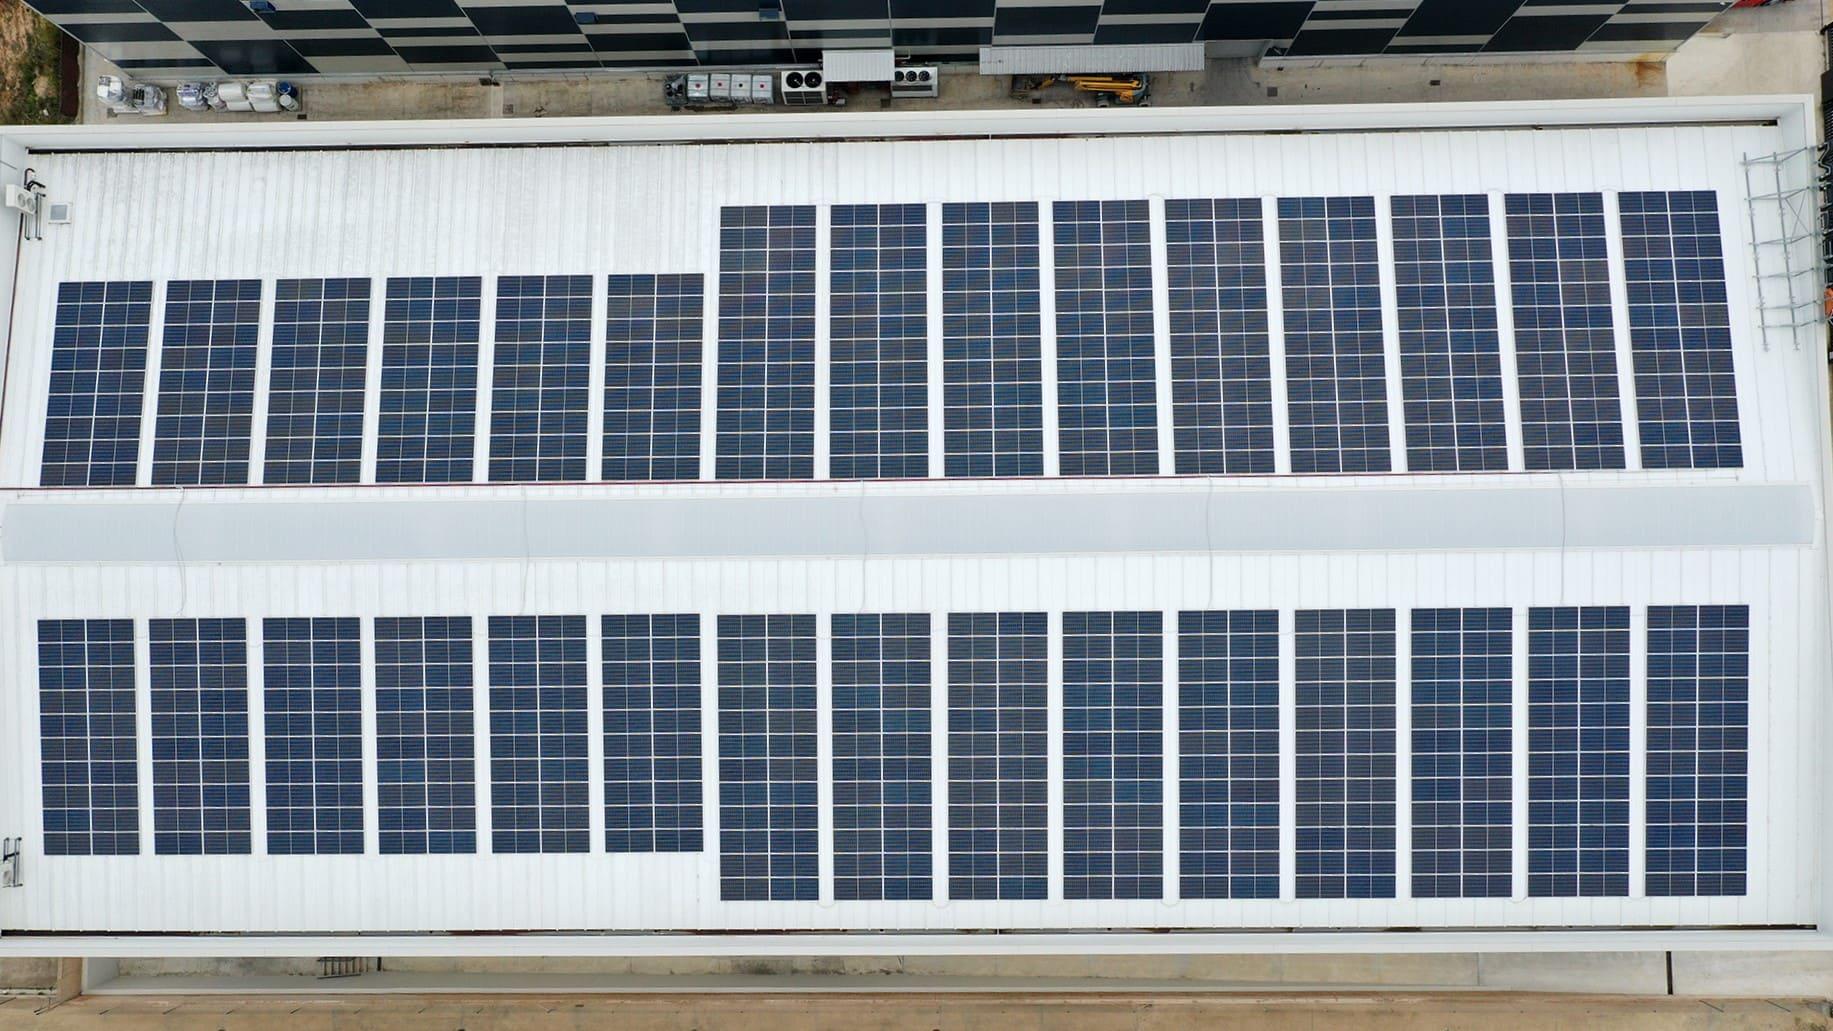 eidf-solar-autoconsumo-fotovoltaico-bilopack